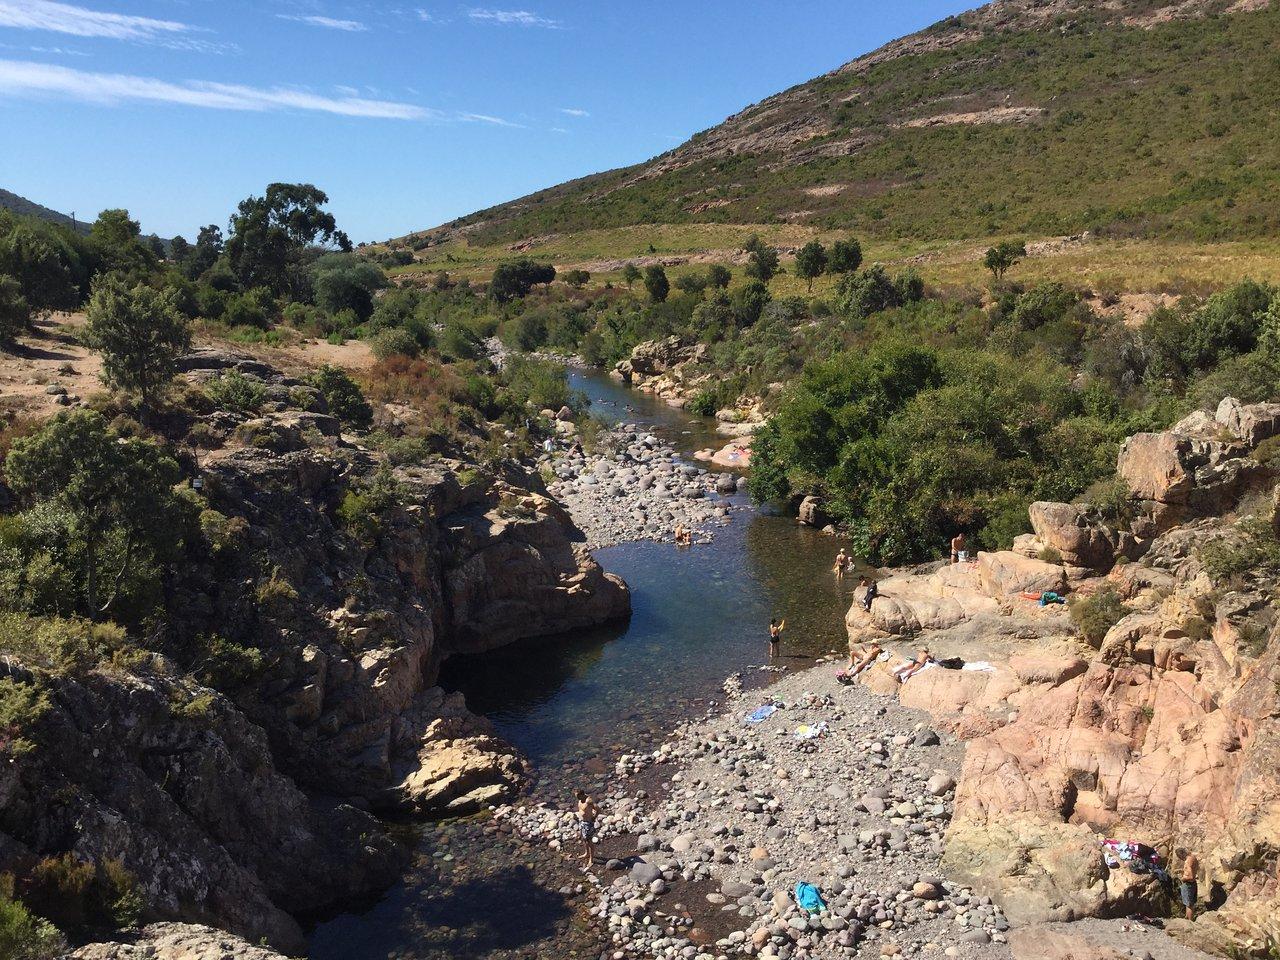 Piscines Naturelles De Cavu (Sainte-Lucie-De-Porto-Vecchio ... avec Piscine Naturelle D Eau Chaude Corse Du Sud